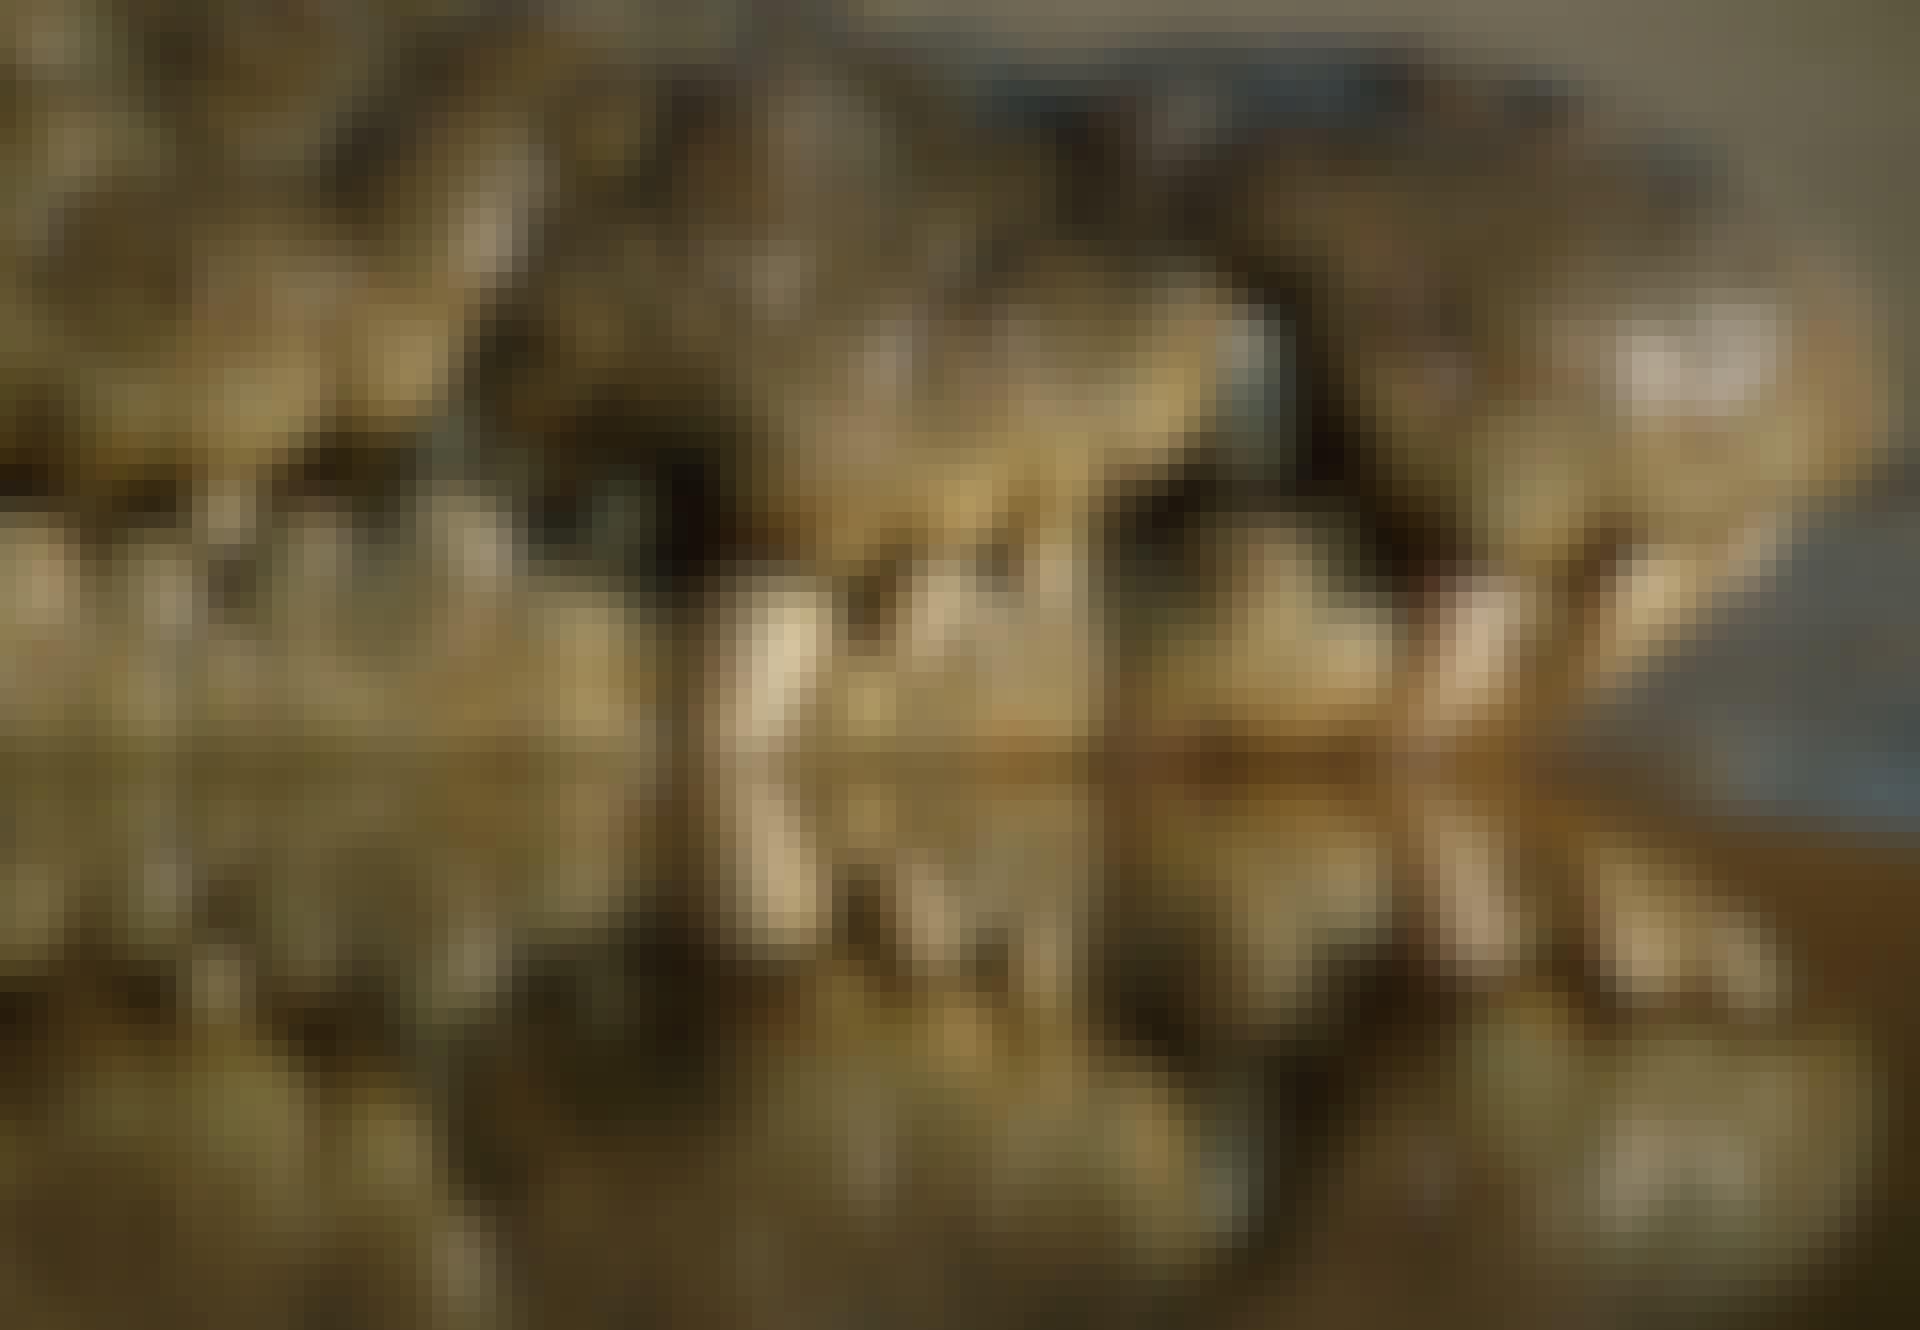 Krokodilen har superkänsliga sensorer